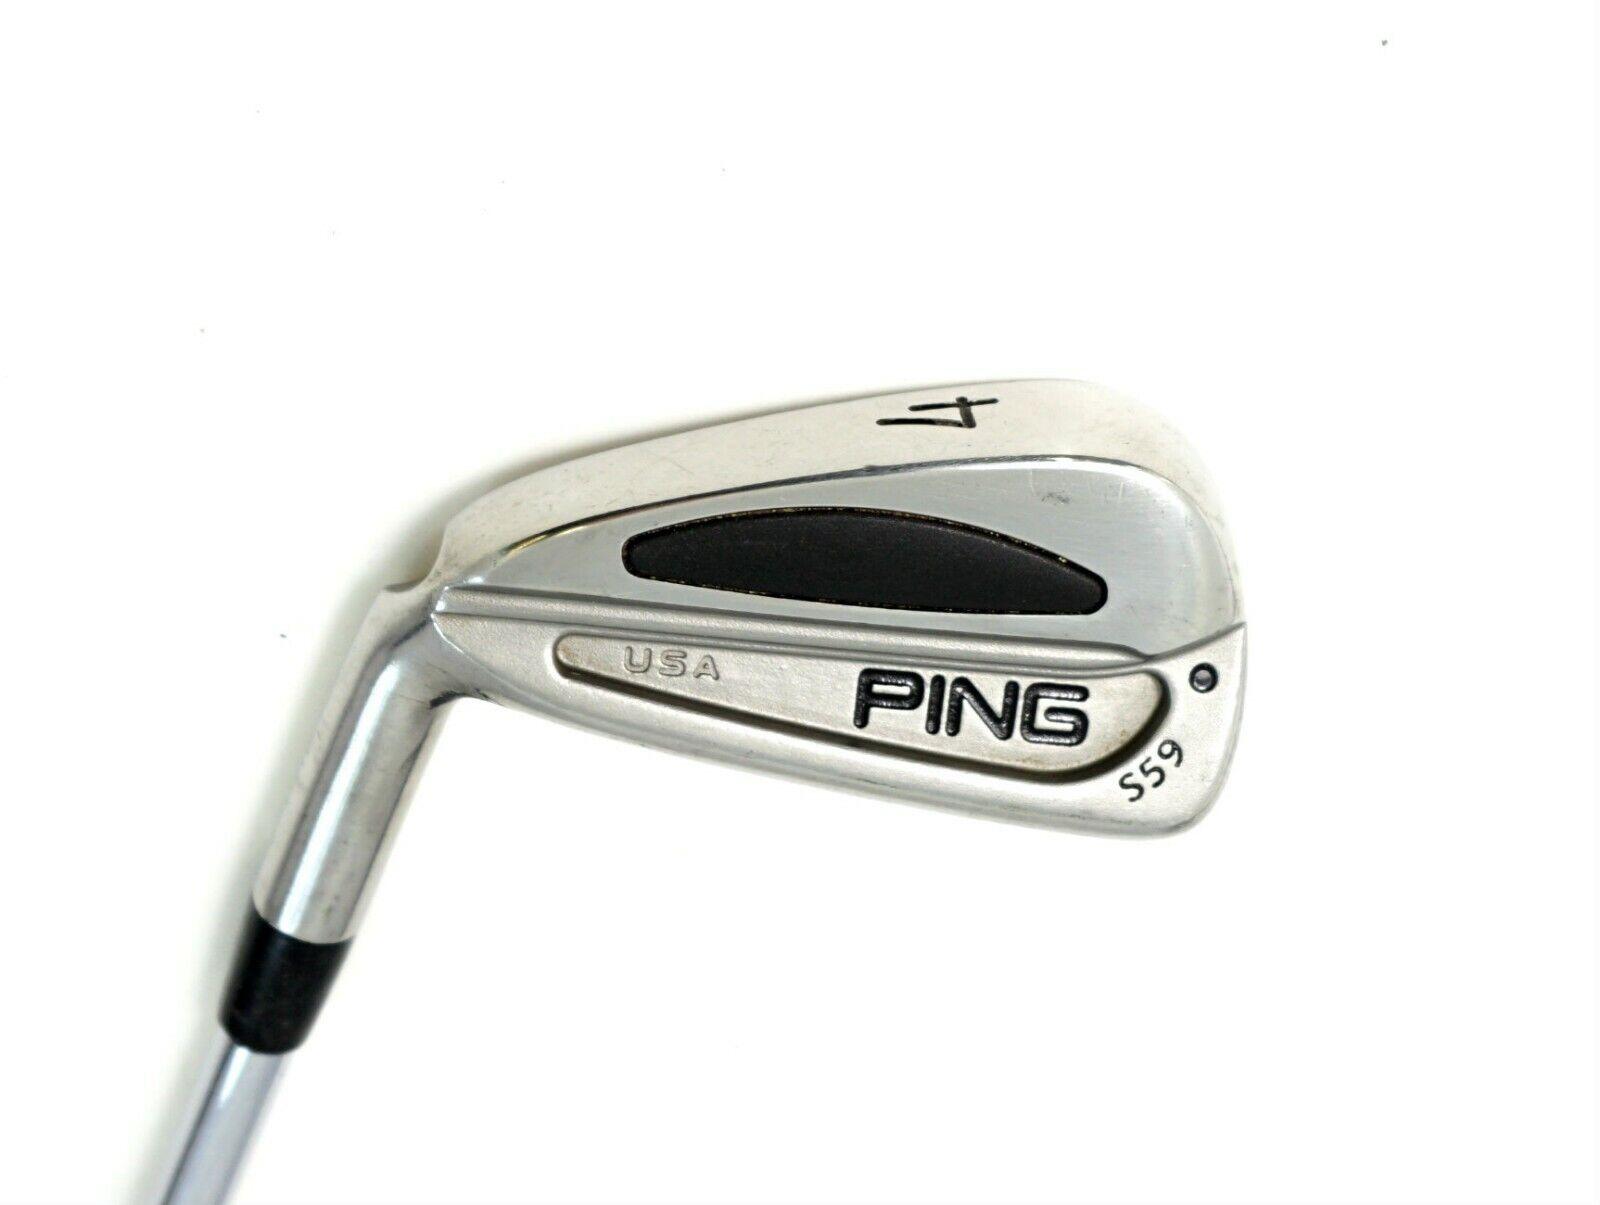 Zurdo  Ping S59 Punto Negro Hierro 4 Eje de acero rígido, empuñadura de Ping  autentico en linea